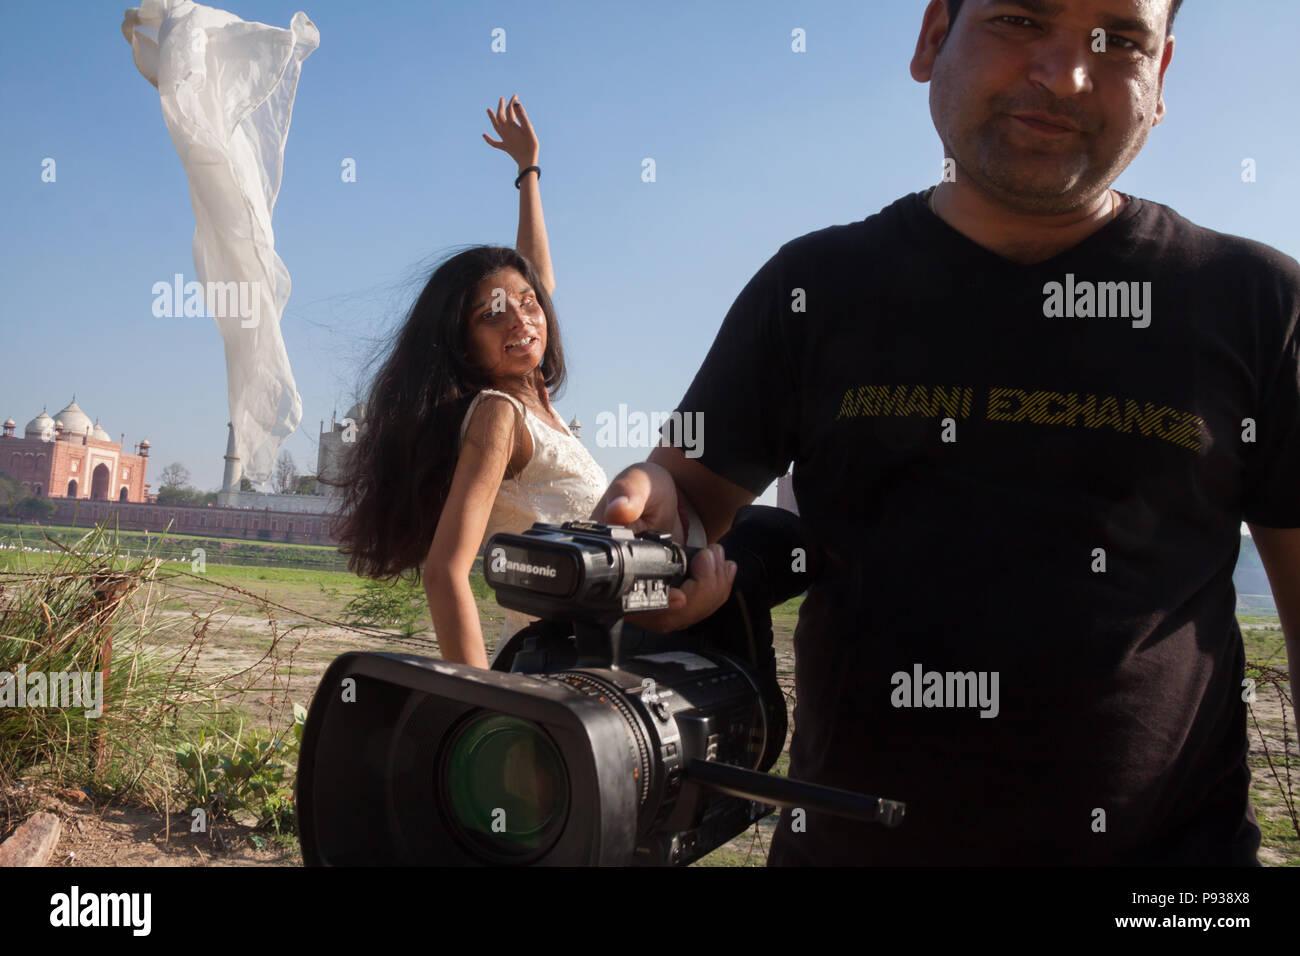 Ritu, víctima de un ataque de ácido se entrevista por televisión (de detener los ataques con ácido campaña, India) Imagen De Stock